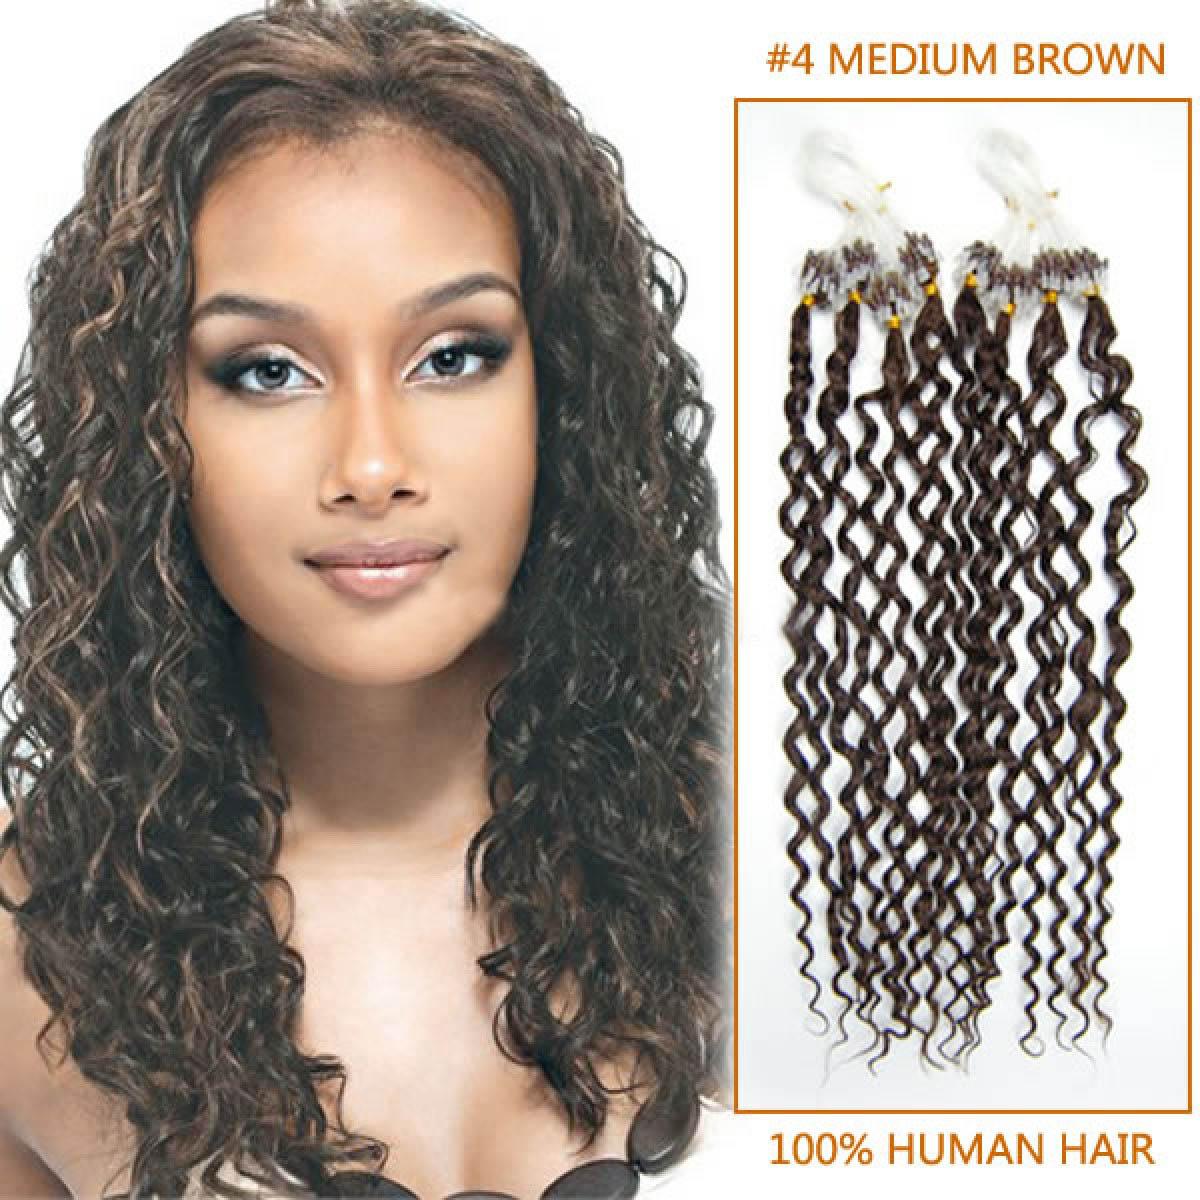 Inch 4 medium brown curly meticulous micro loop hair extensions 16 inch 4 medium brown curly meticulous micro loop hair extensions 100 strands solutioingenieria Images